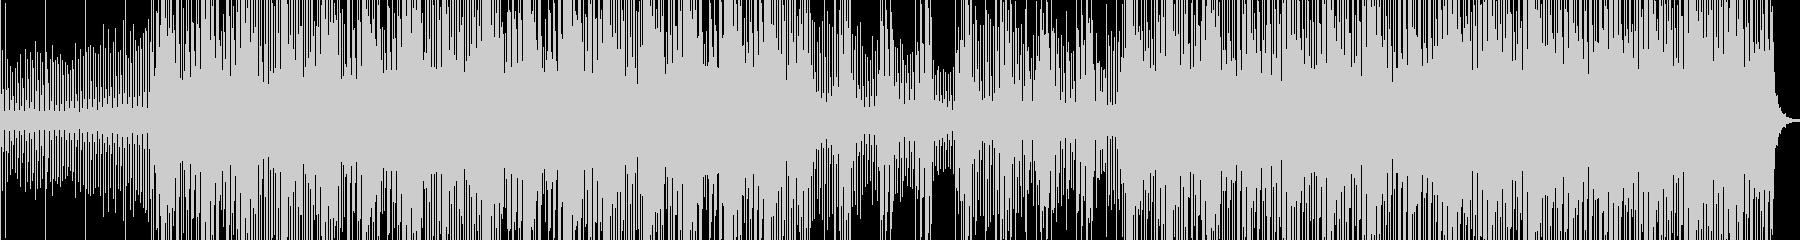 ポップ ロック コーポレート アク...の未再生の波形